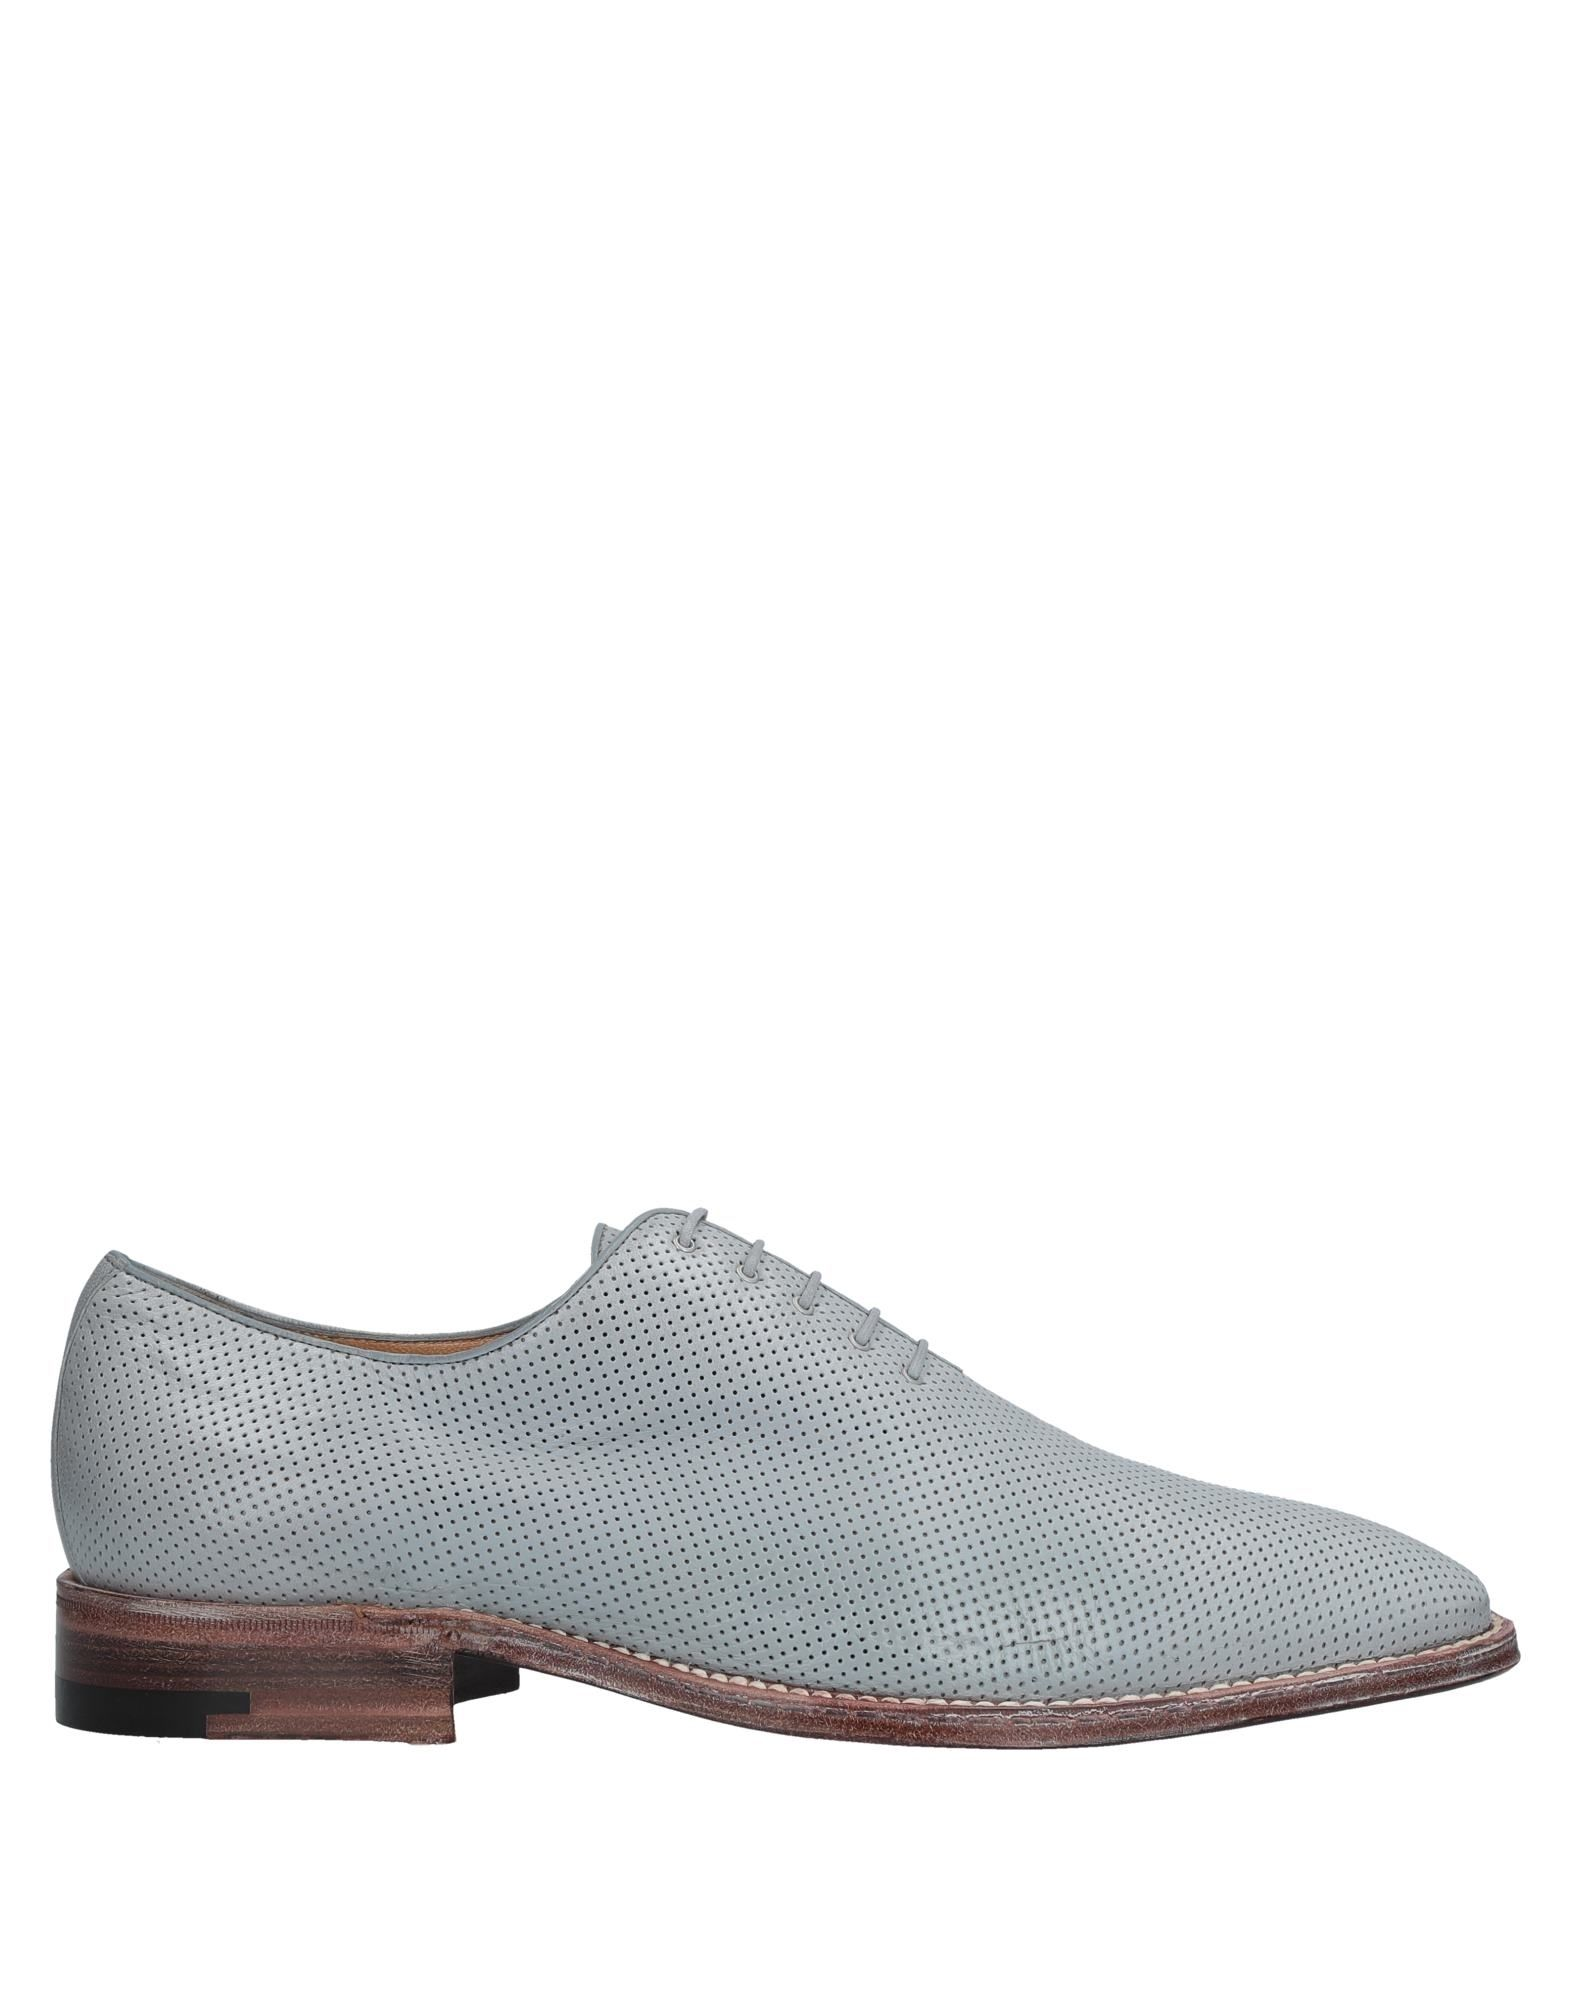 A.Testoni Schnürschuhe Herren  11542479SR Gute Qualität beliebte Schuhe